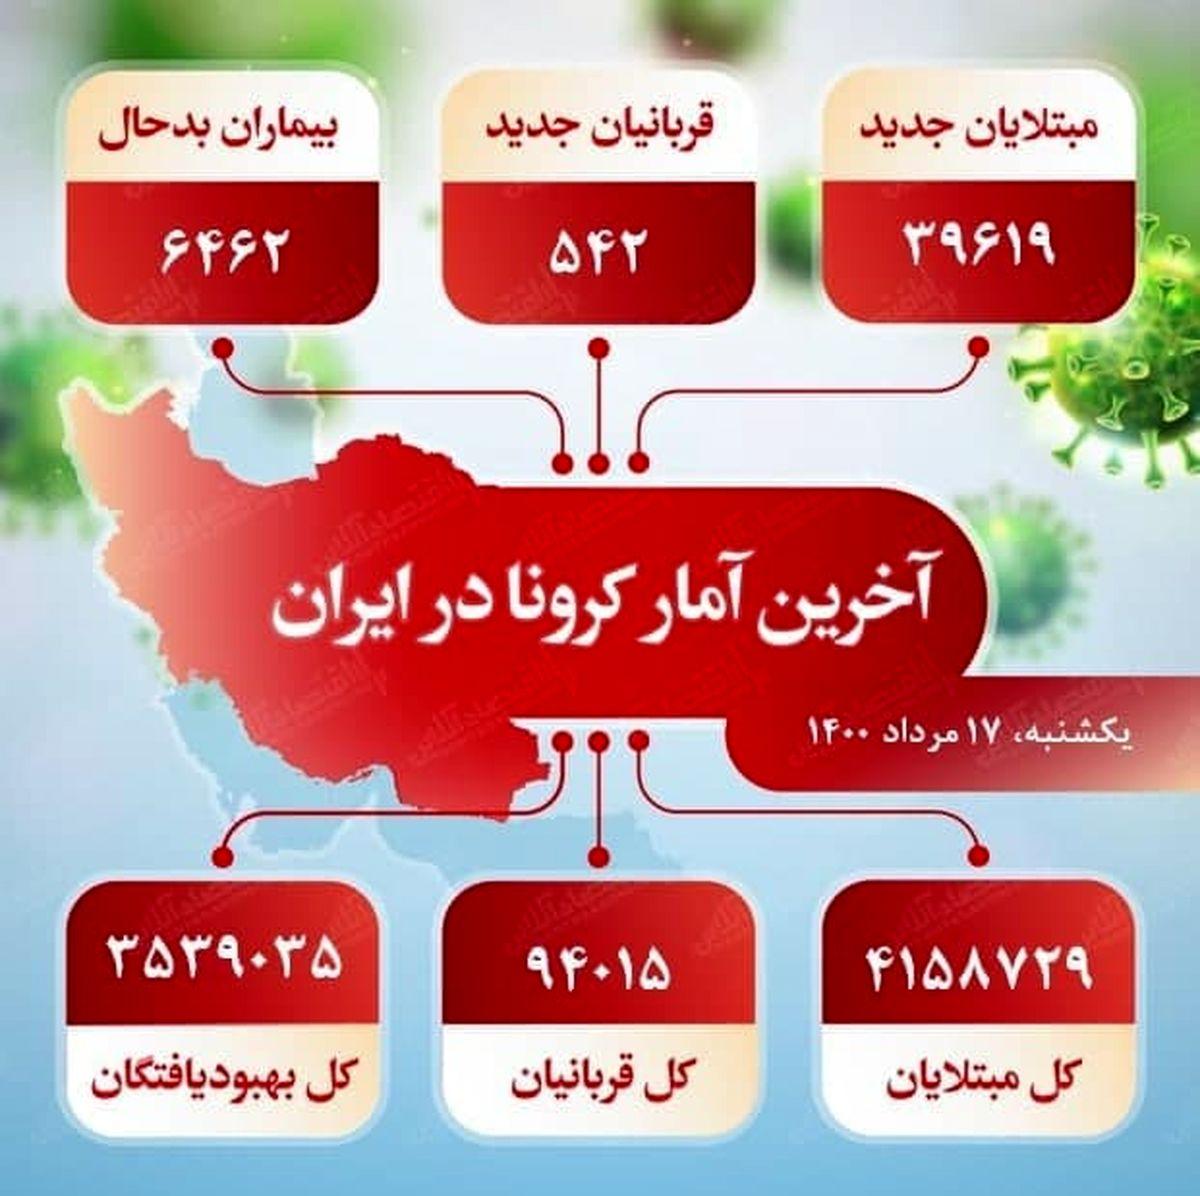 آخرین آمار کرونا در ایران (۱۴۰۰/۵/۱۷)